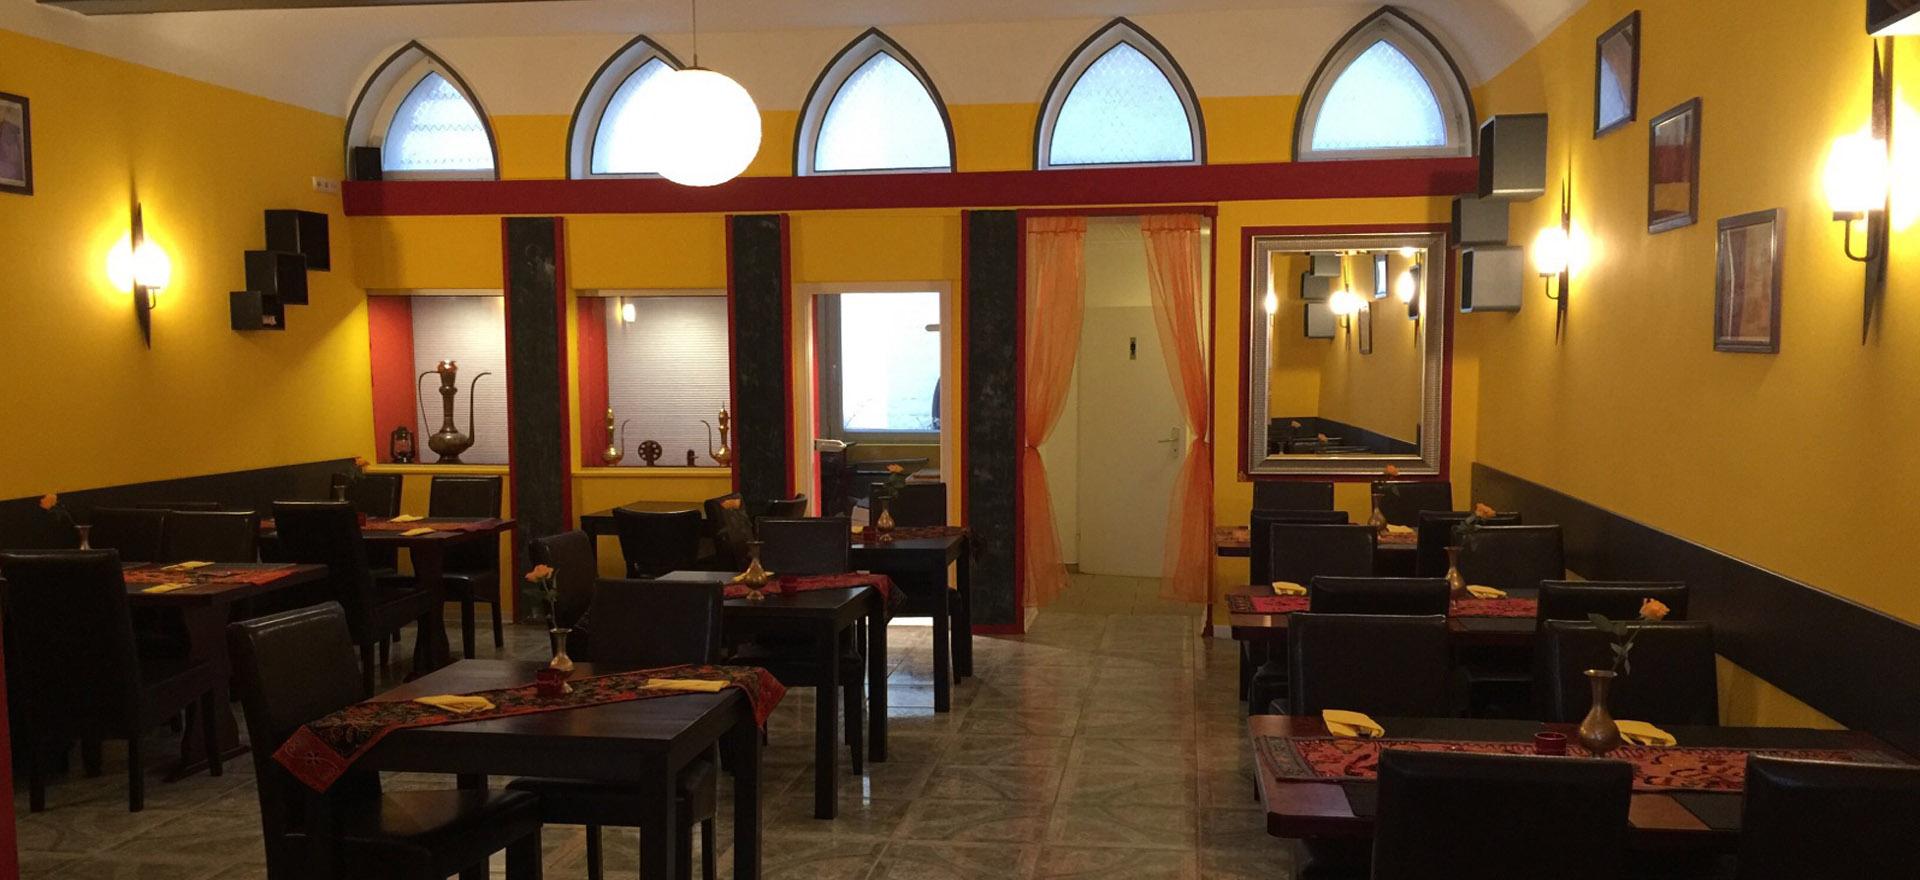 Singhs Indisches Restaurant in Wiesbaden | Lieferservice